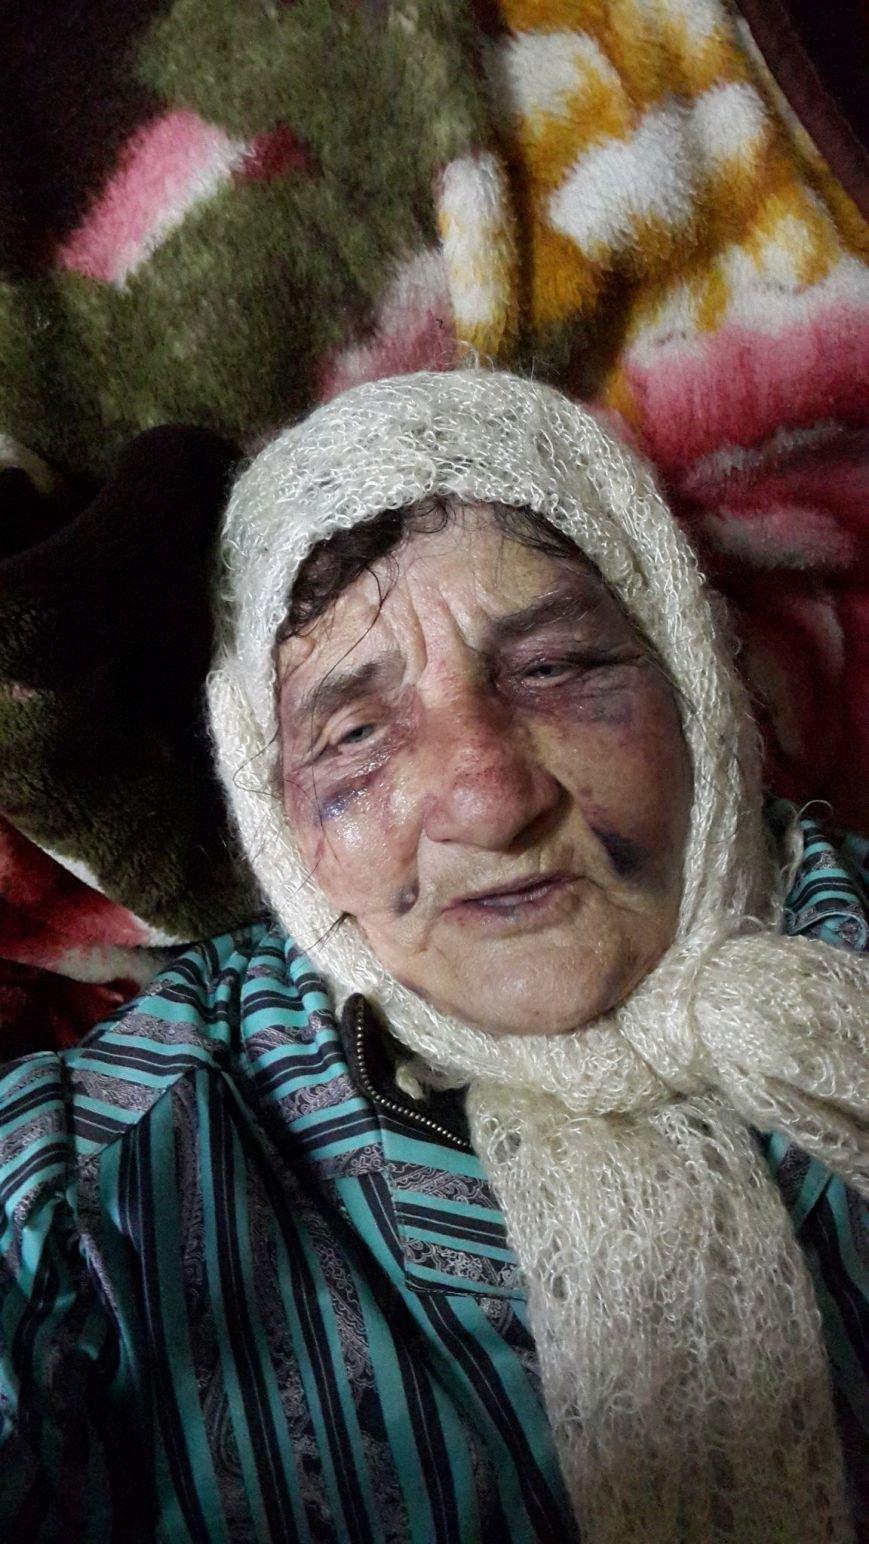 В Запорожье внук ищет извергов, избивших его 82-летнюю бабушку (ФОТО), фото-1